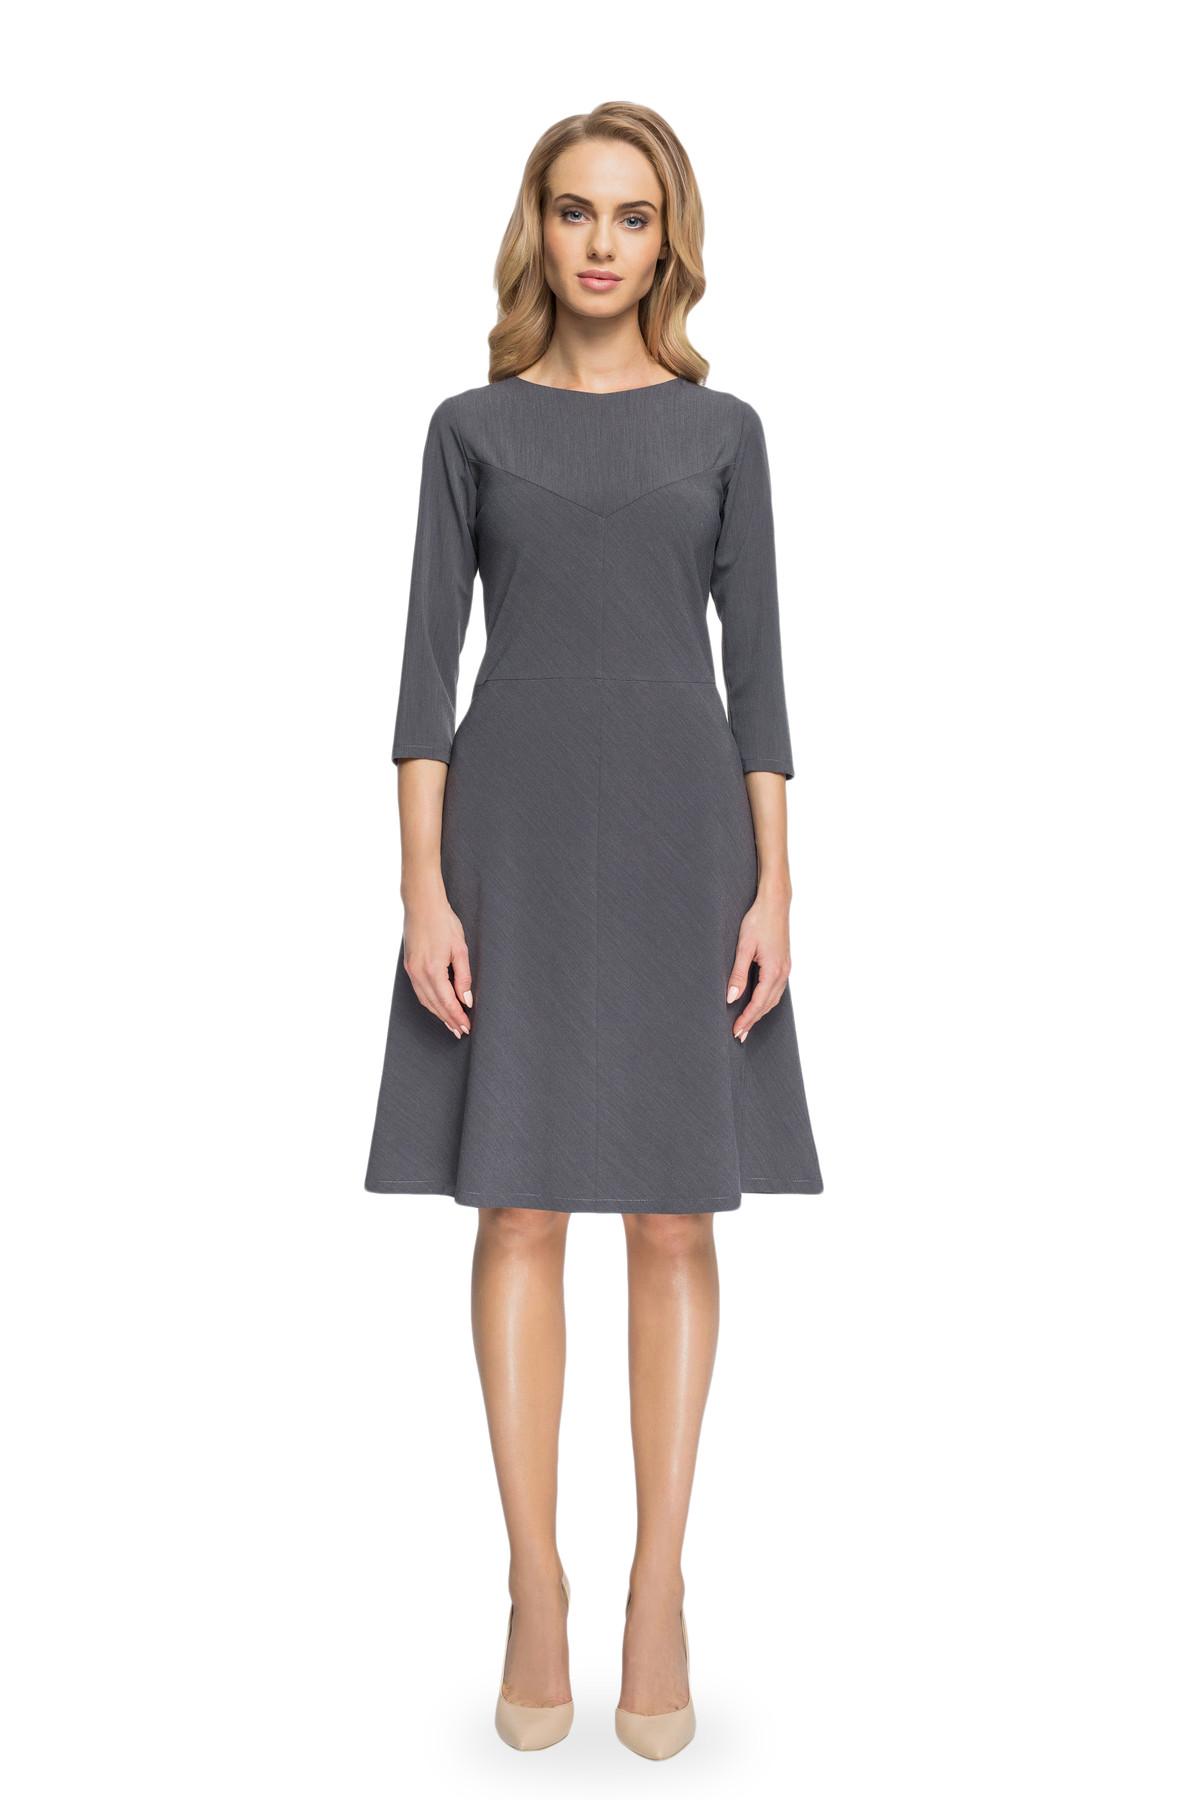 Clea Elegantes Trapezkleid A-Linien Kleid Damen Kleider Abendkleider